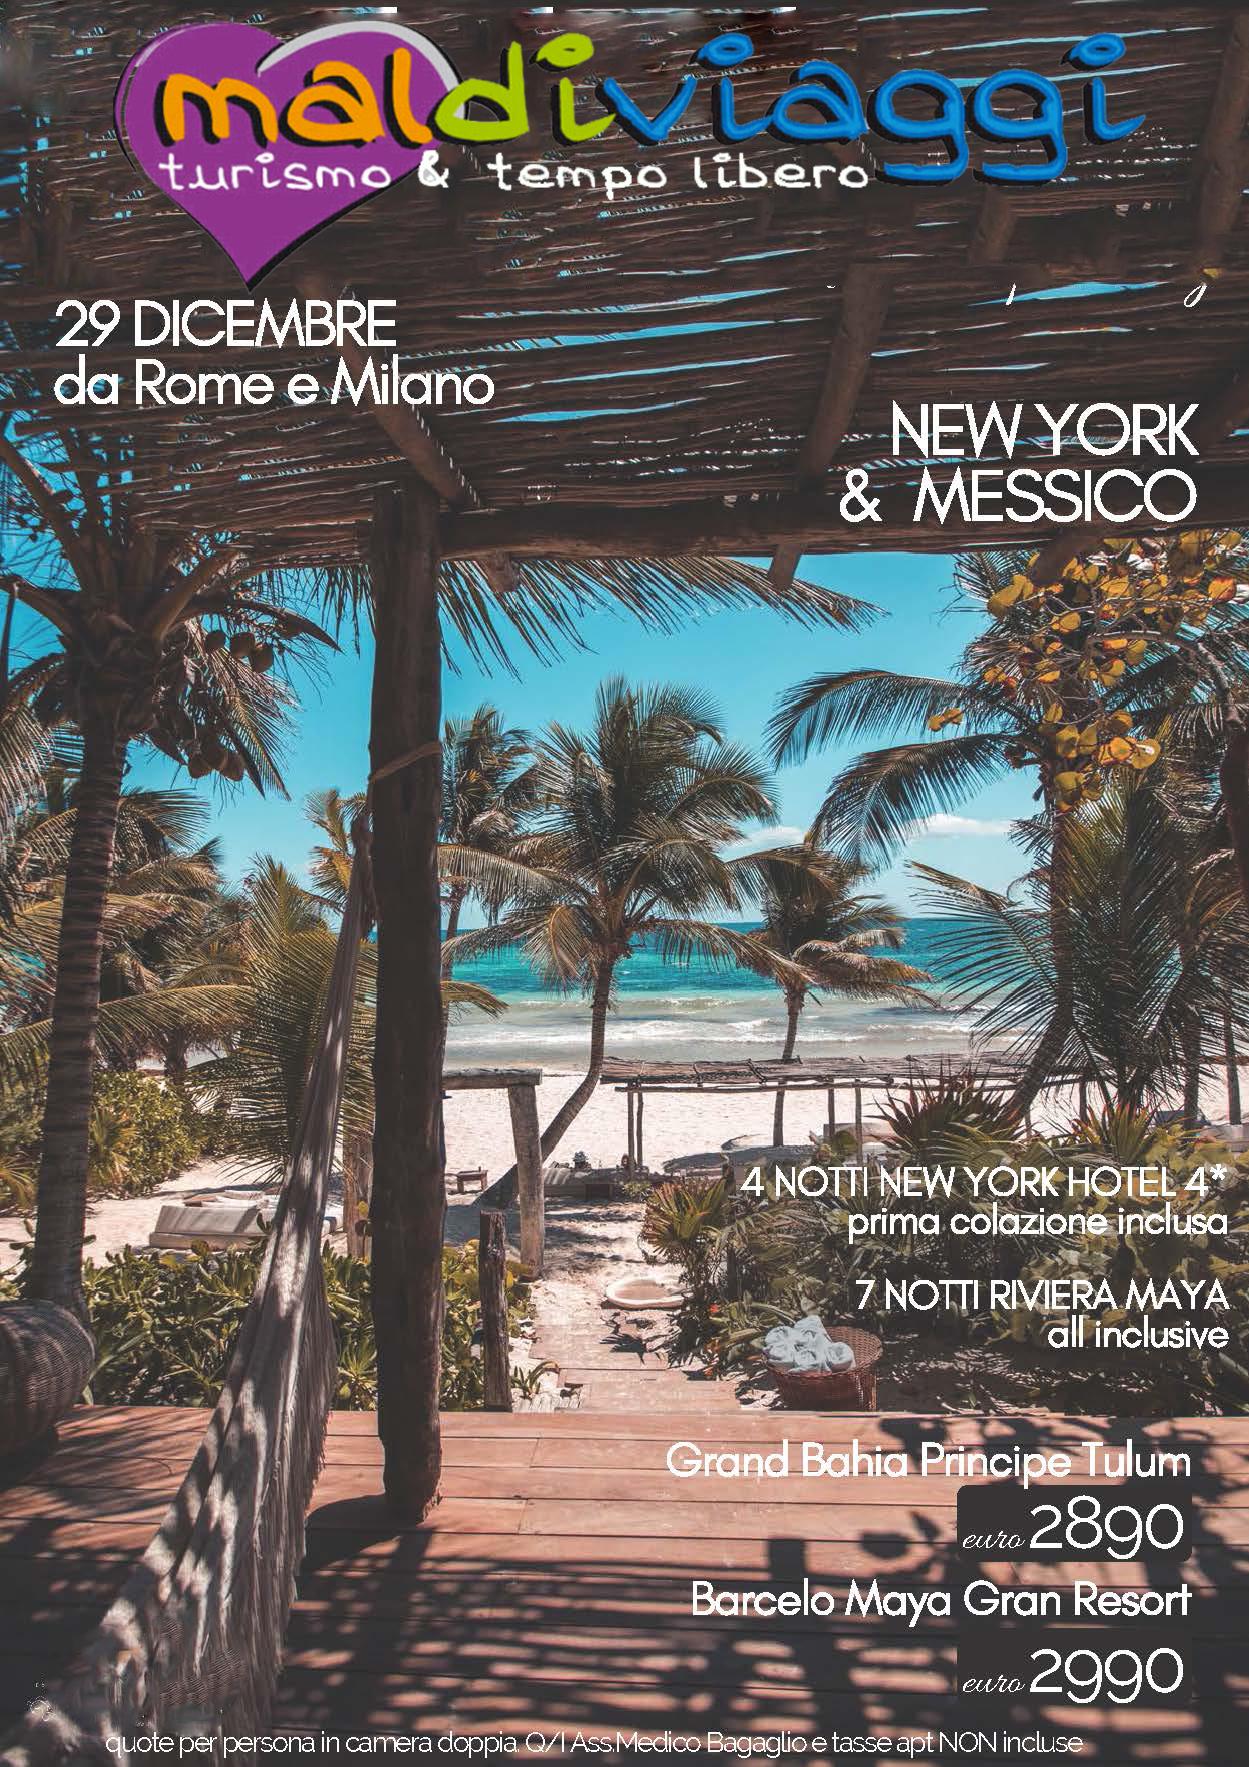 Capodanno tra NY e Messico